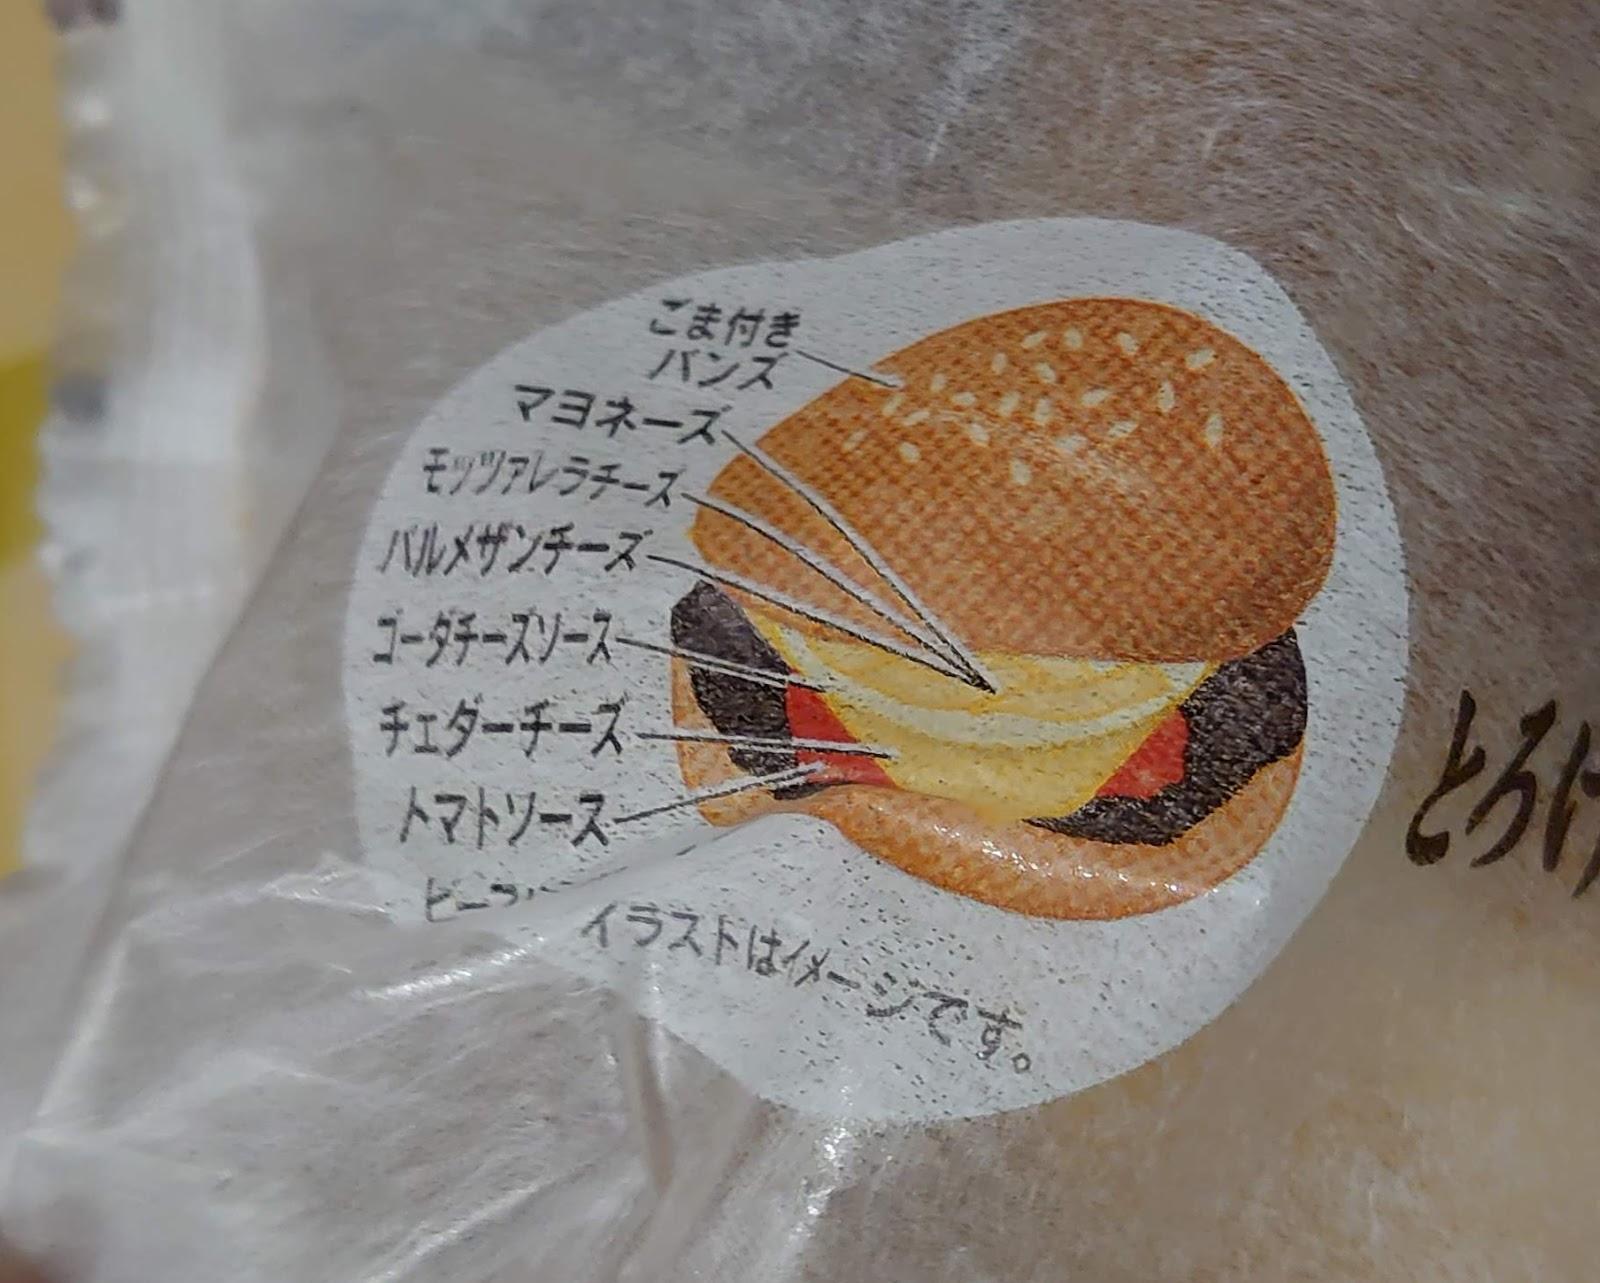 ます 玉 特 丼 色 に チーズ 付き 温 を の 牛 すいません し 三 お願い 盛り